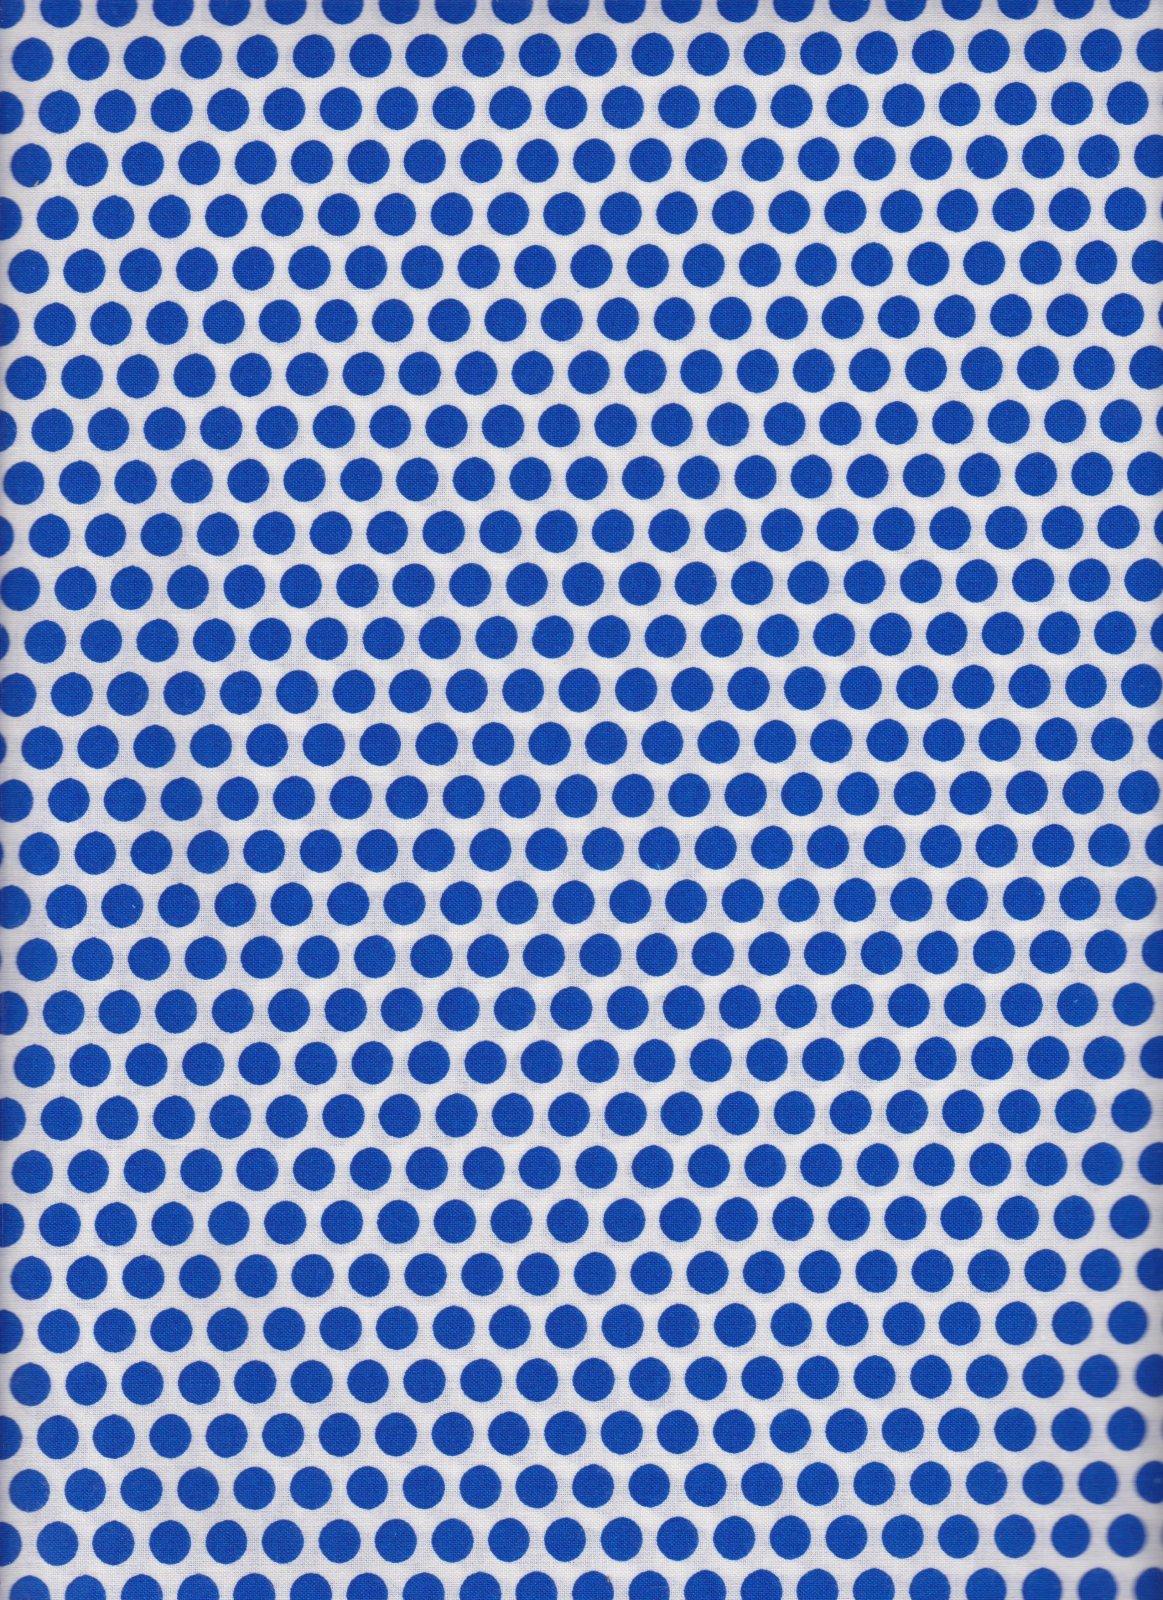 FT-Dots 3/8 48468 Royal